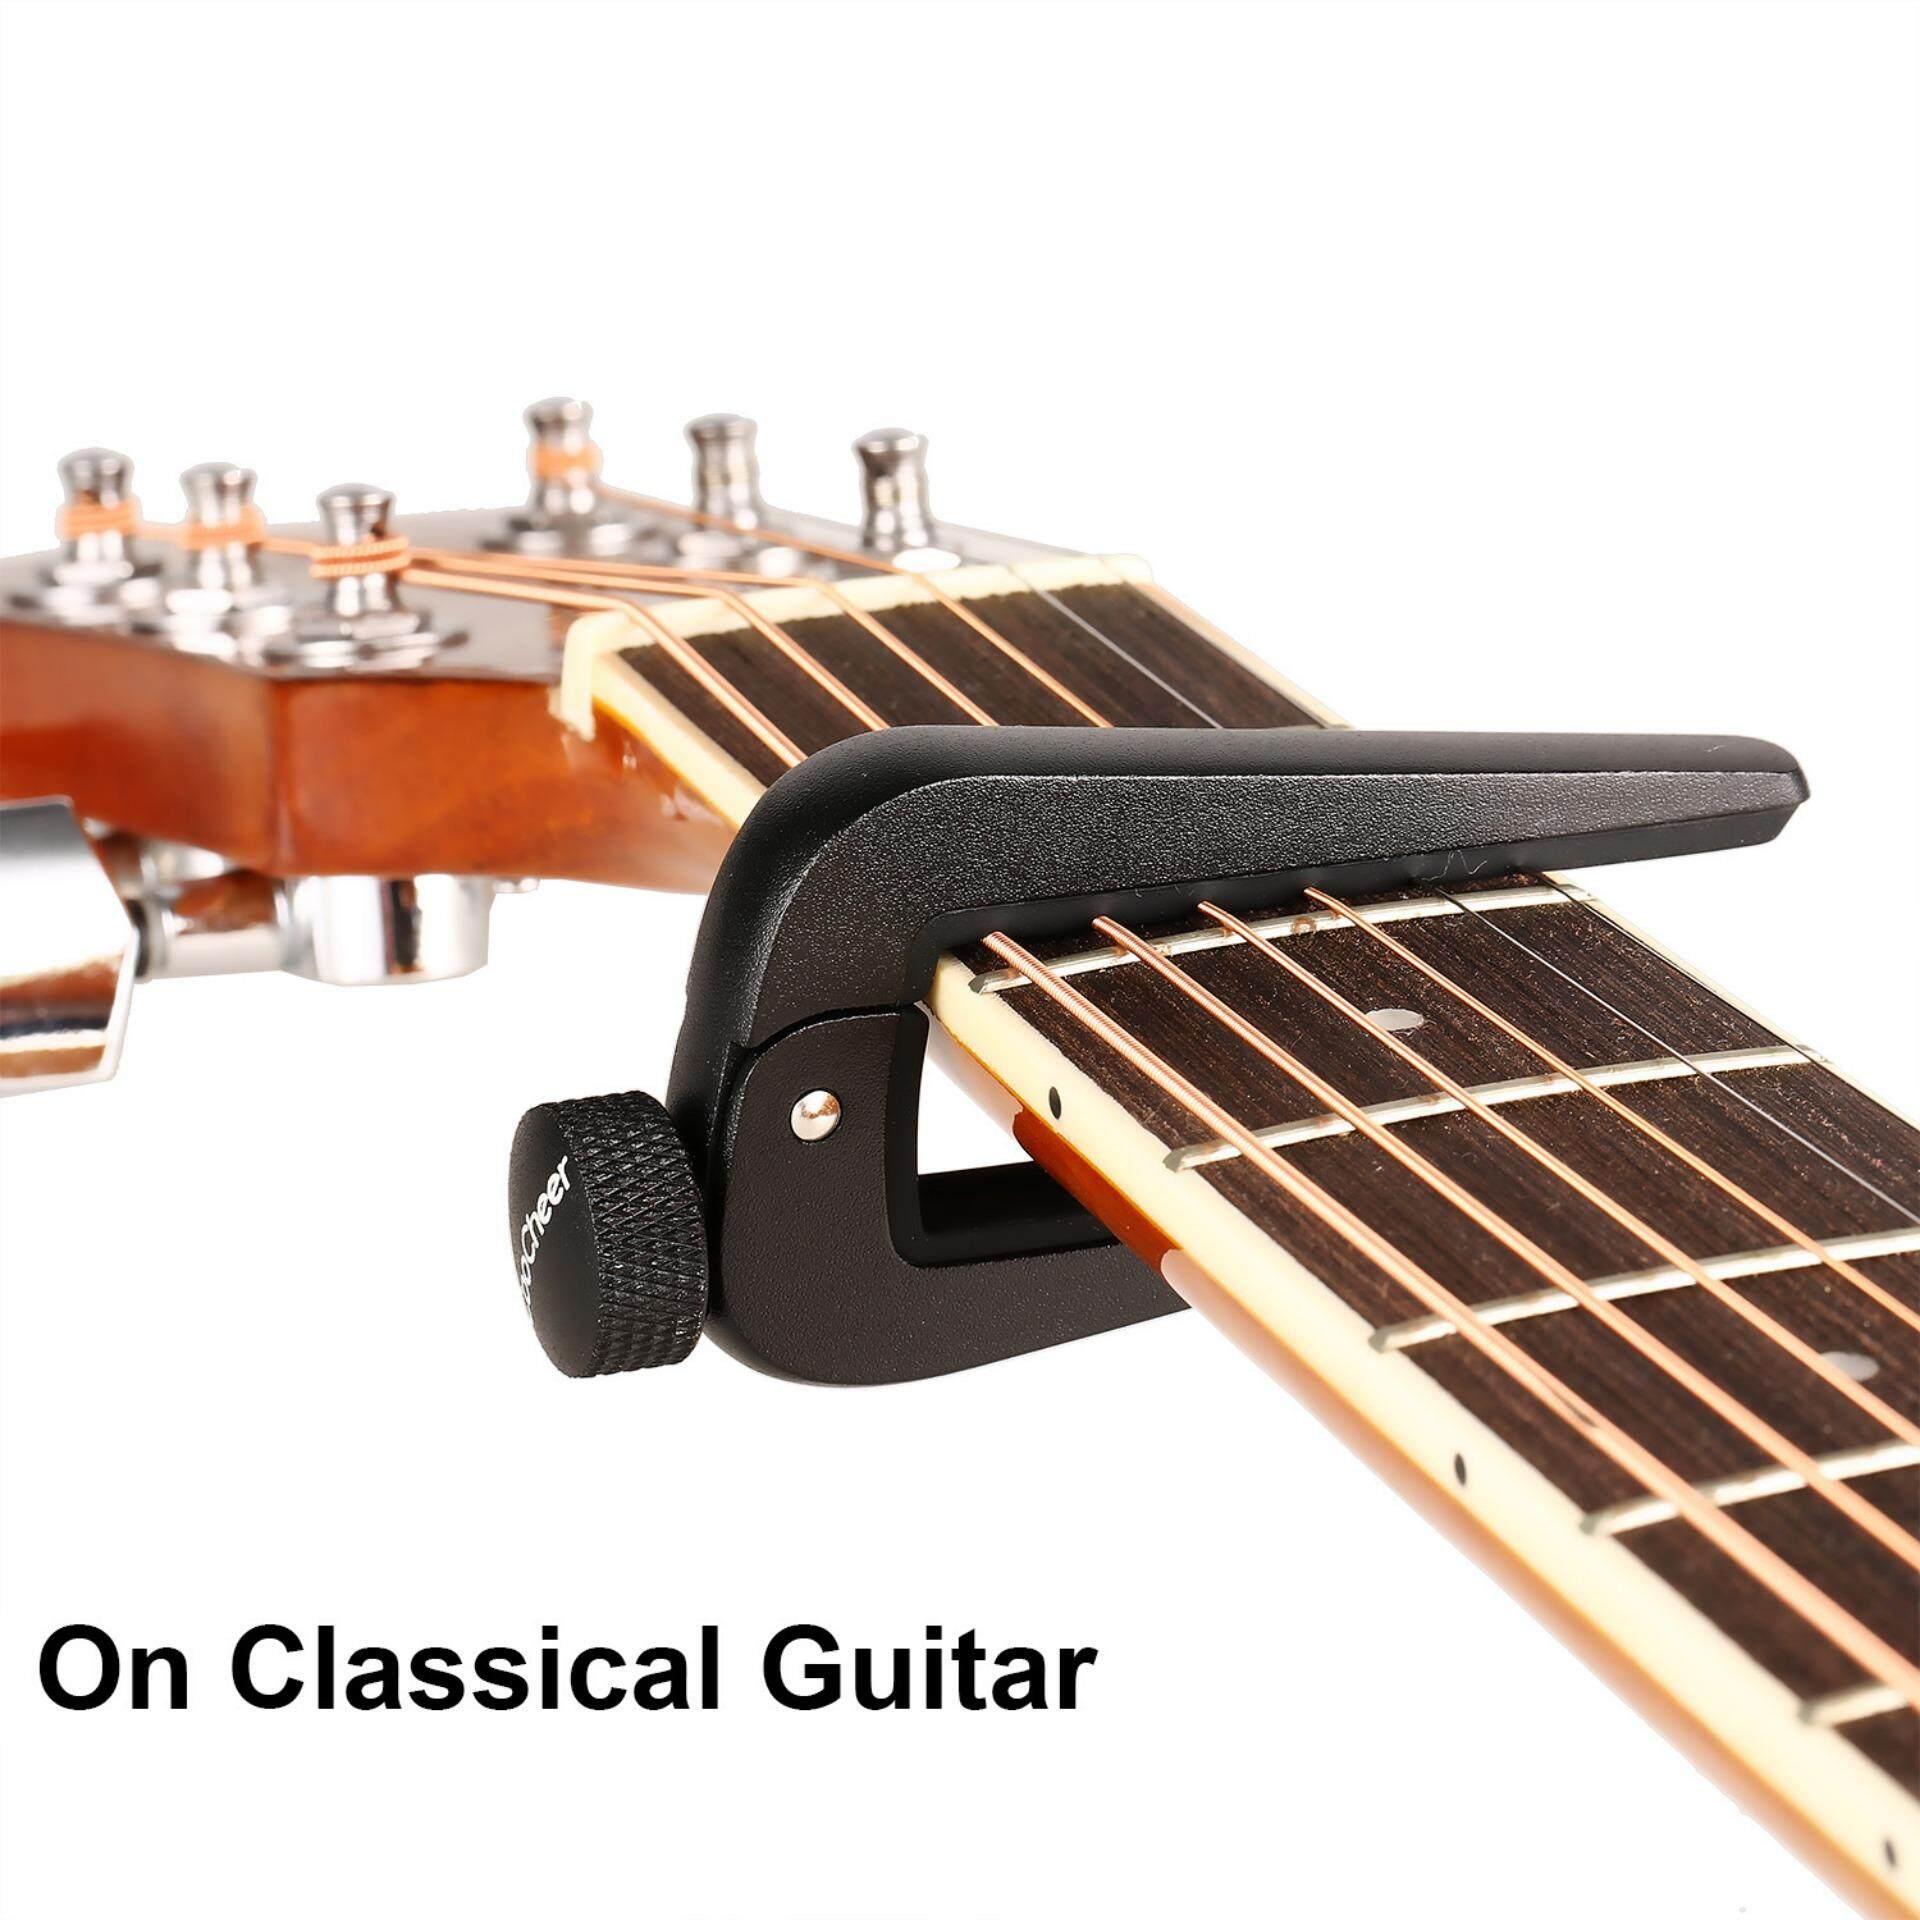 Gitar Daftar Source · Rp 123 000. Rp 123 000. Bolehdeals .